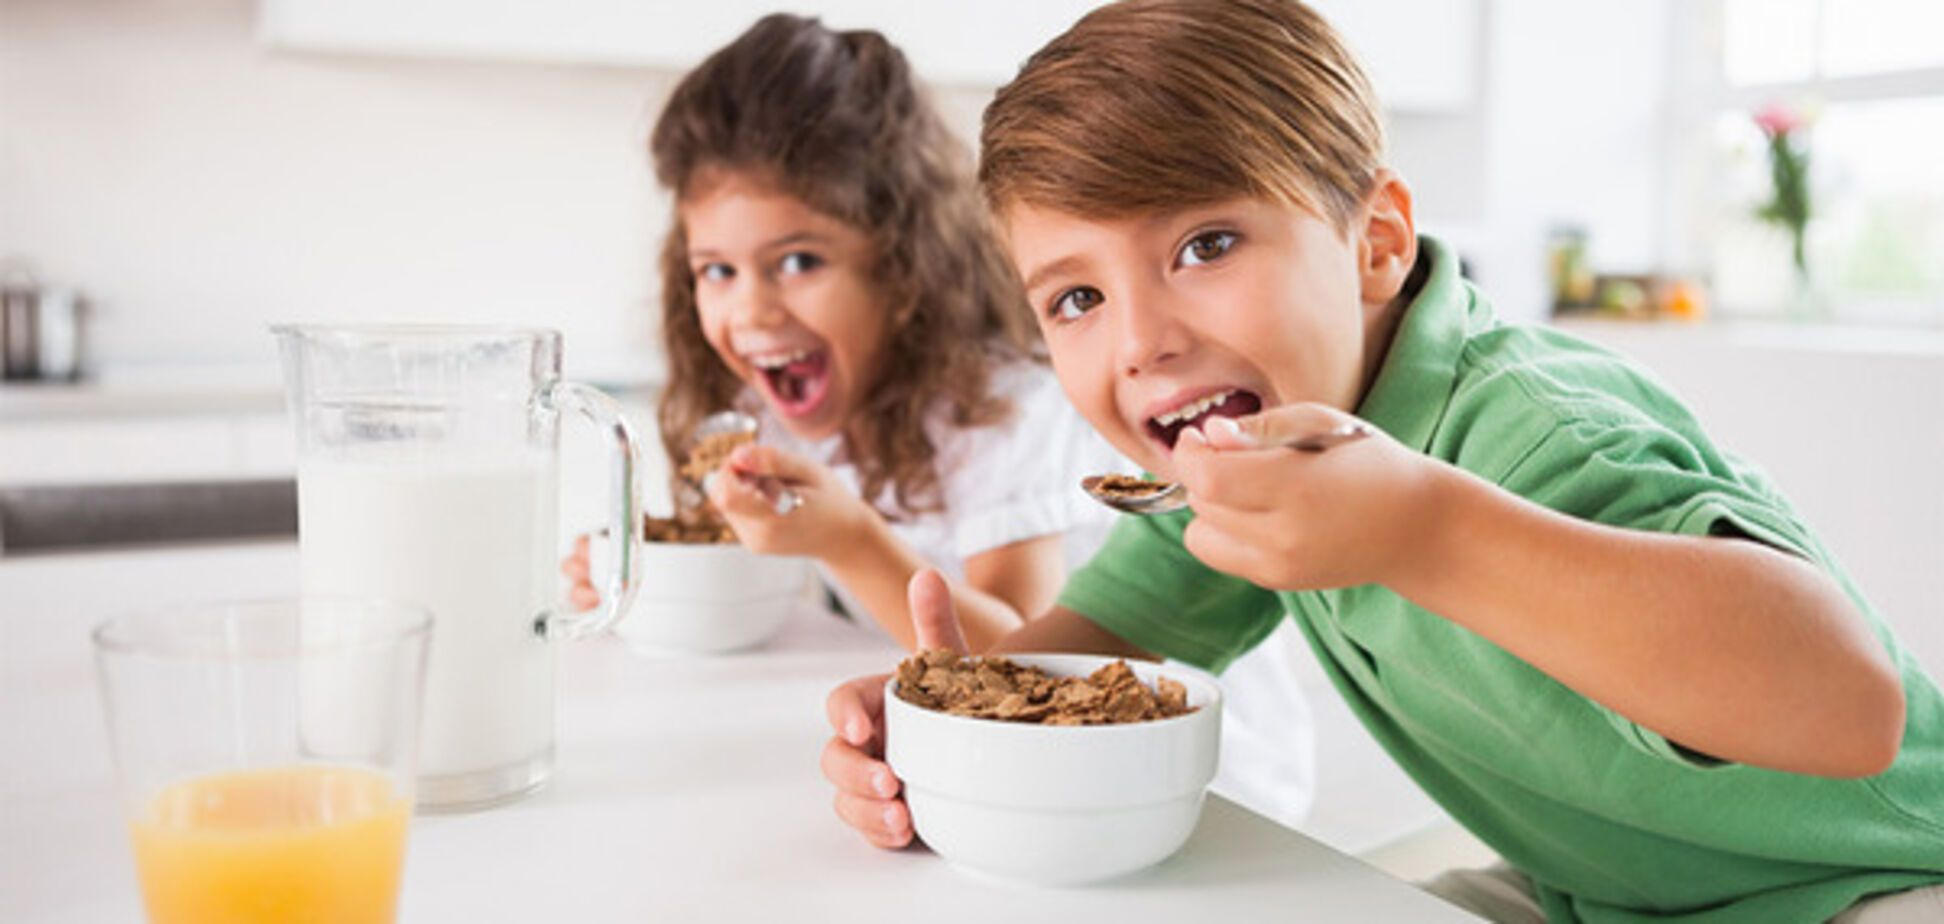 Ученые объяснили, как питание влияет на успеваемость ребенка в школе